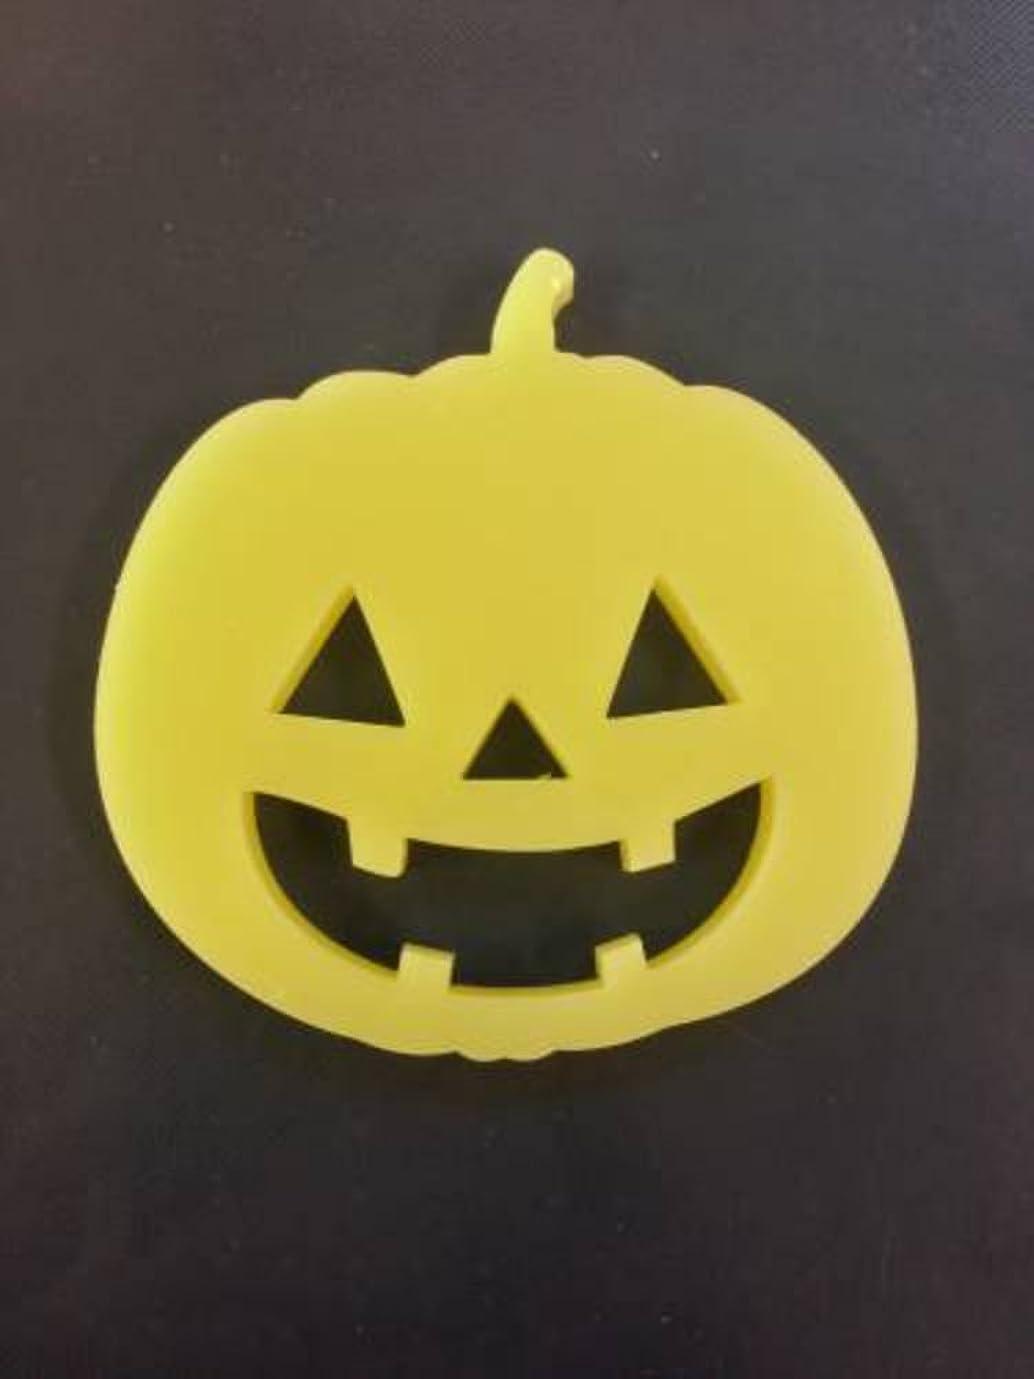 マネージャーグラム発火するGRASSE TOKYO AROMATICWAXチャーム「ハロウィンかぼちゃ」(YE) ベルガモット アロマティックワックス グラーストウキョウ